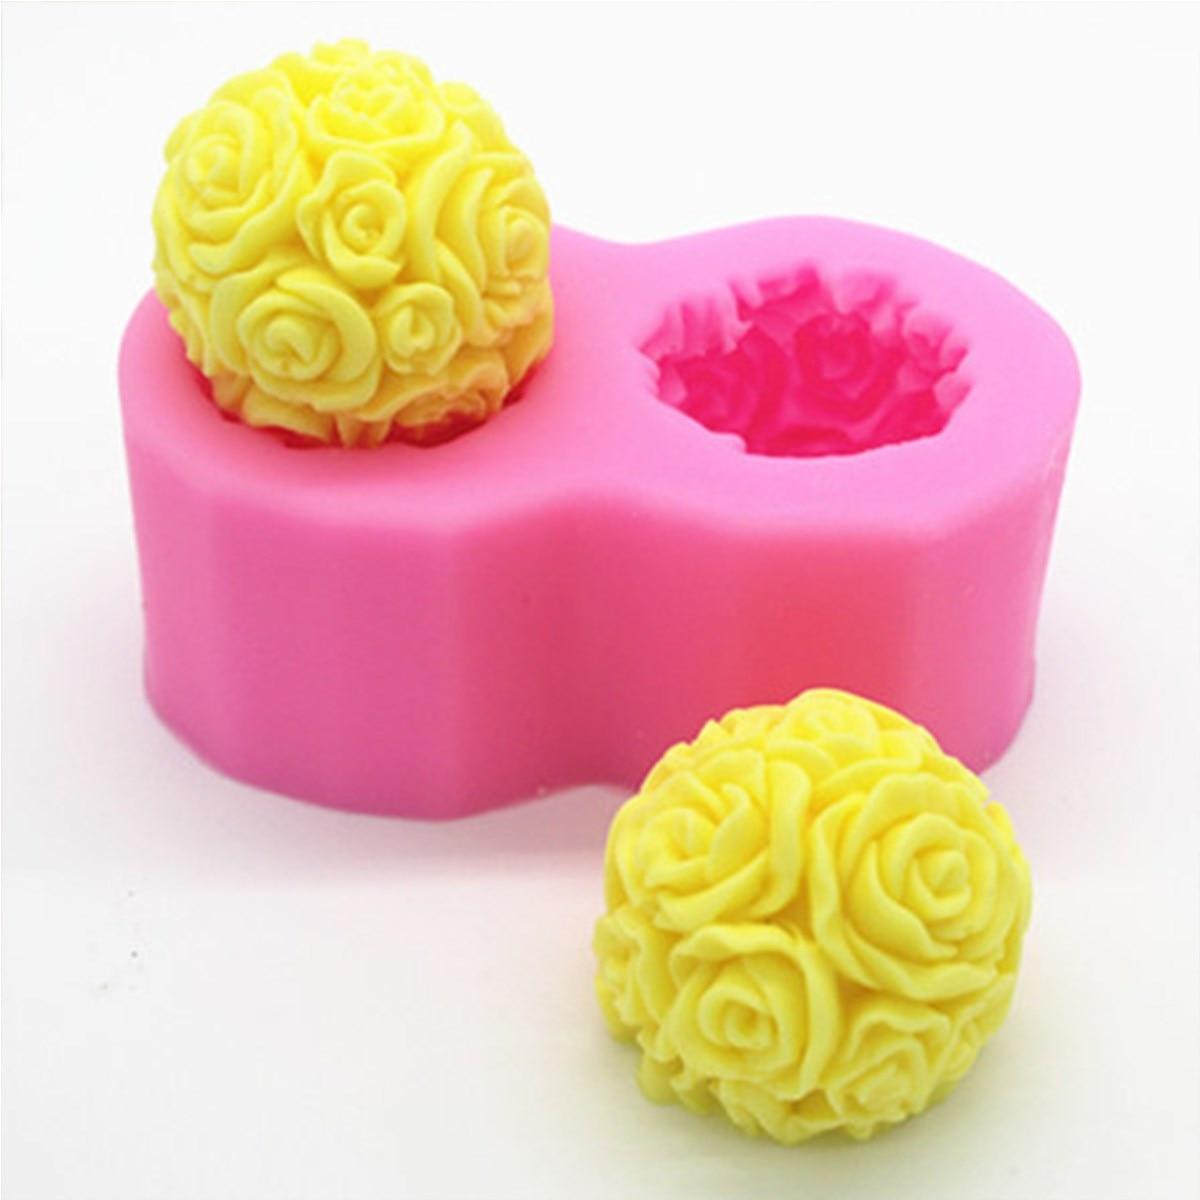 bolo de silicone em forma de molde d rose flor dupla bola decorativa vela sabo molde